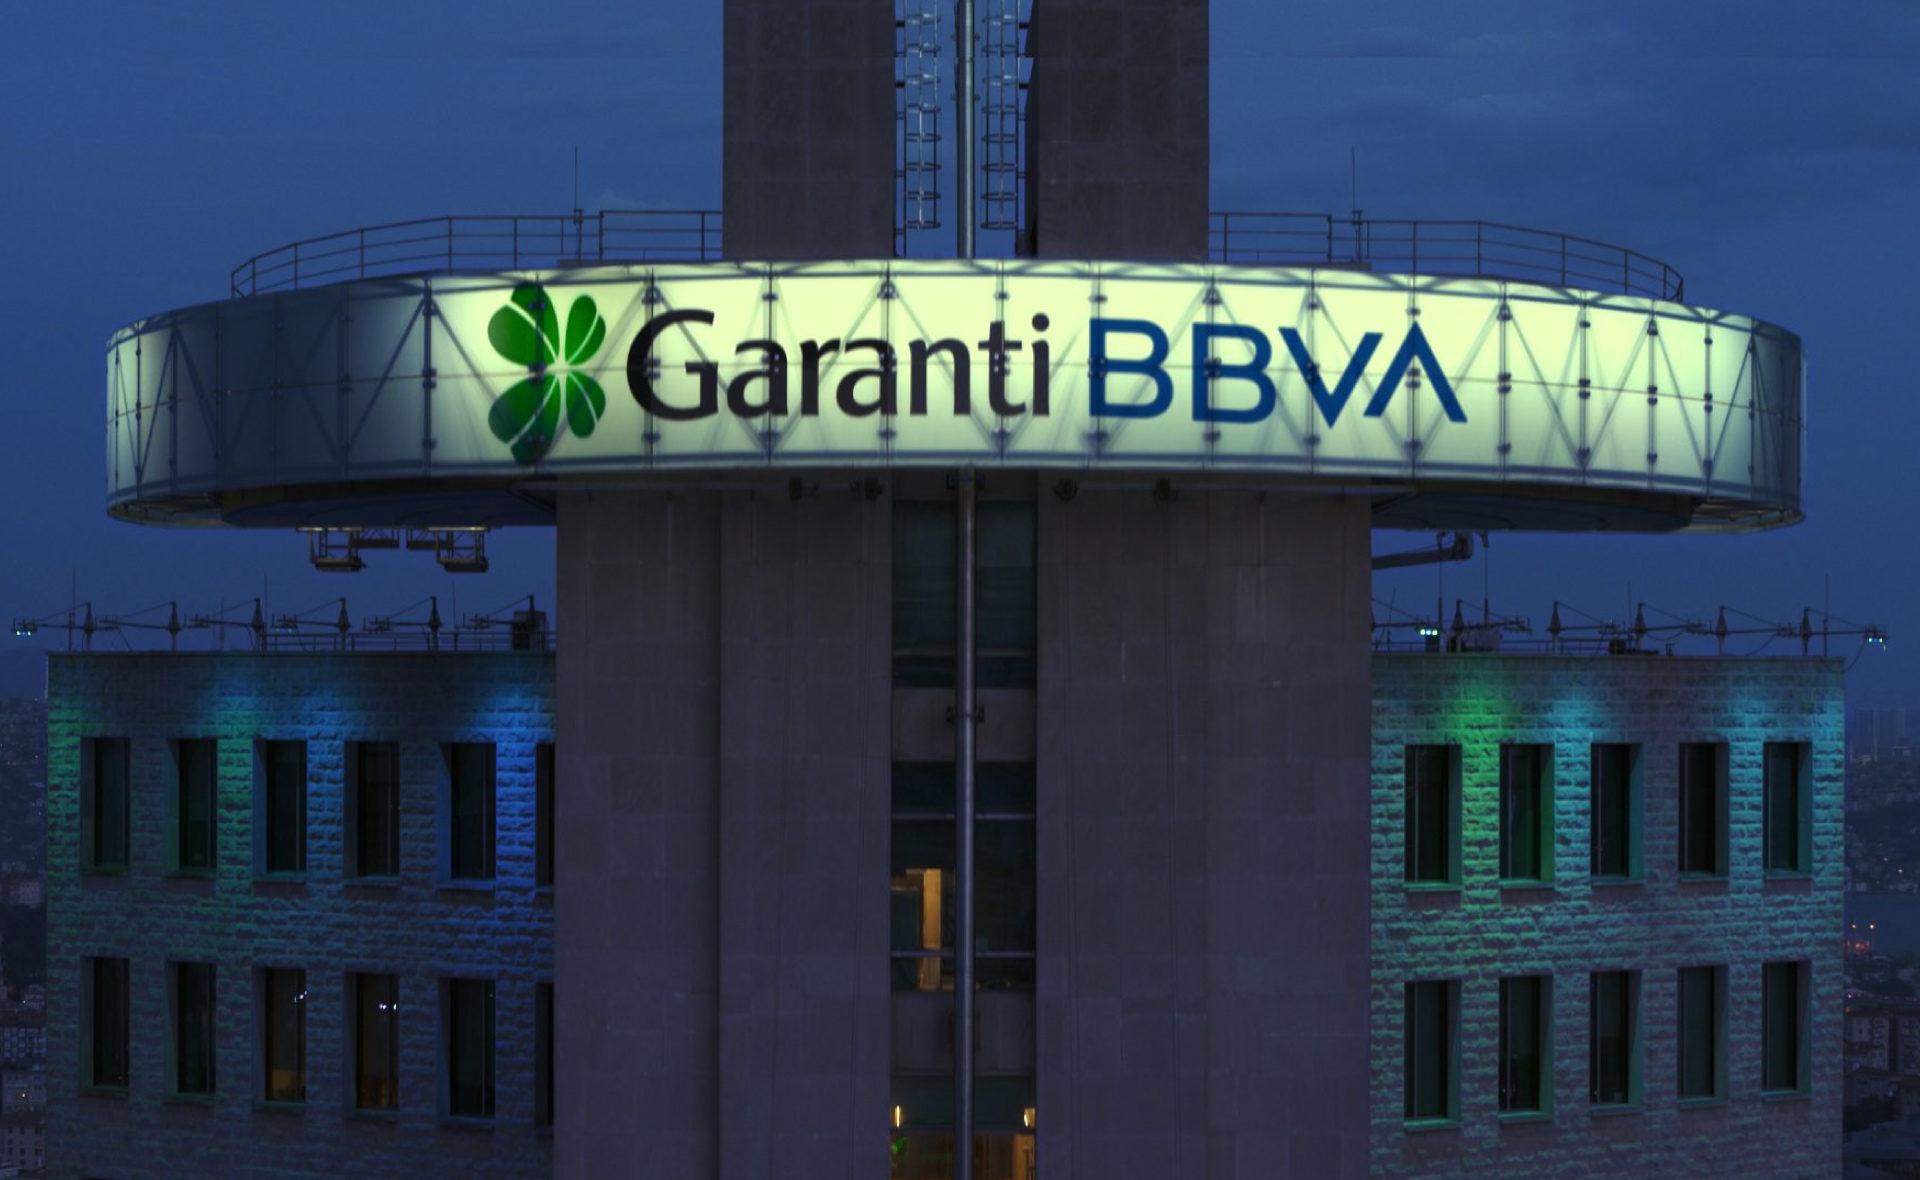 garanti-turquía-premio-2020-bbva-sede